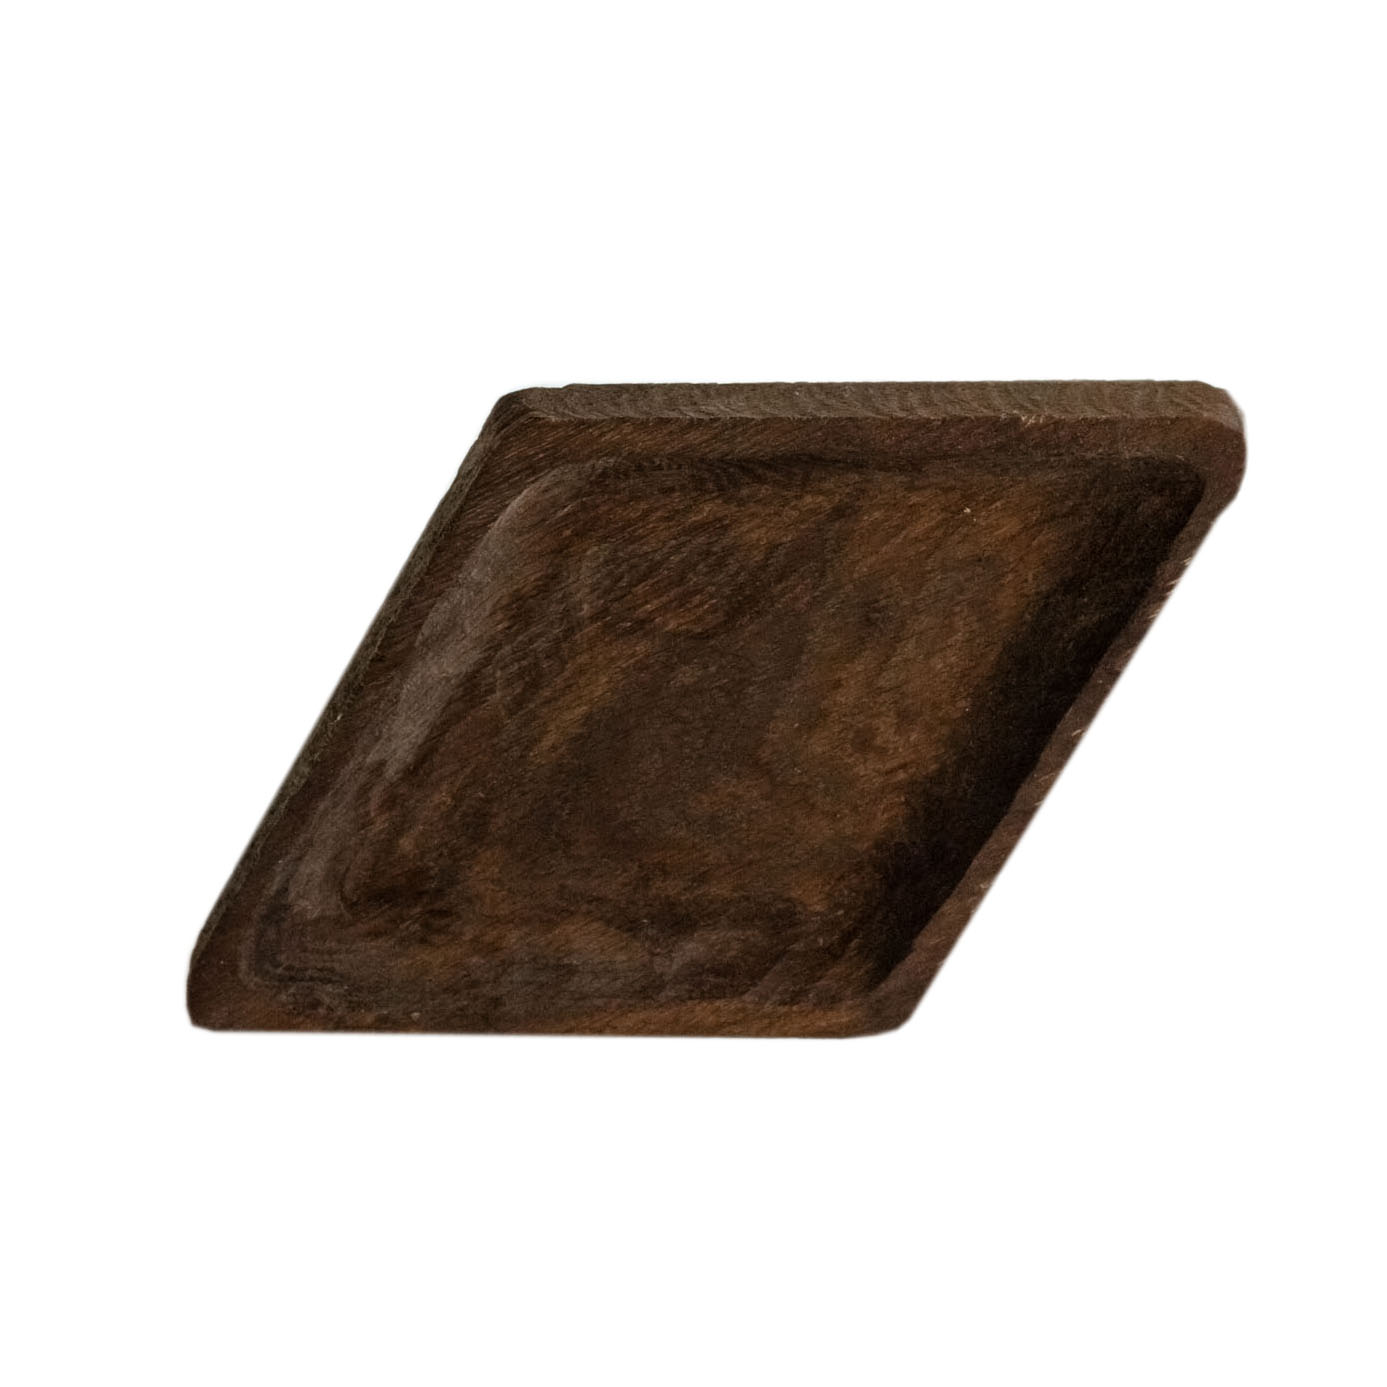 Тарелка РомбДекоративные блюда<br>&amp;quot;Кика&amp;quot; - коллекция дубовых тарелок и плато для подачи, дополняющих друг друга. Сделана вручную. Покрытие: льняное масло. Ее внутренняя поверхность идеально зашлифована. При необходимости можно обновлять покрытие, протерев поверхность тряпочкой, смоченной льняным маслом. После влажной обработки ее нужно протирать полотенцем. Тарелка не предназначена для длительного хранения жидкостей. Из-за специфики ручного труда все предметы отличаются друг от друга.<br><br>Material: Дуб<br>Length см: 30<br>Width см: 18<br>Depth см: 0,5<br>Height см: 3